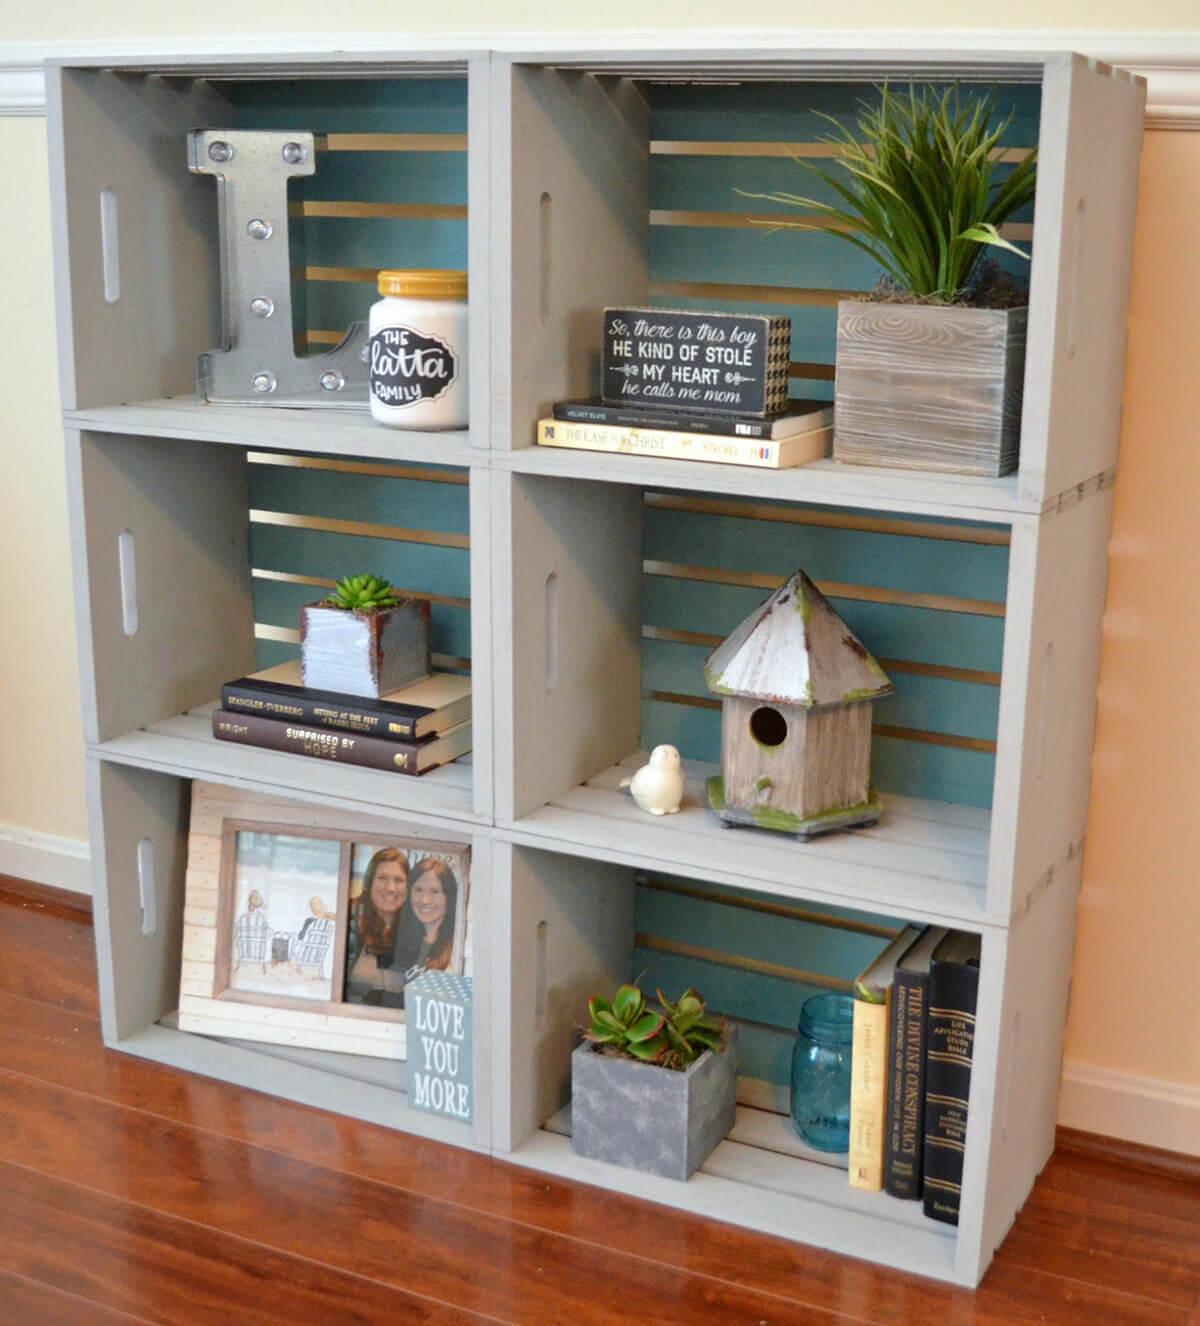 Painted Crates Stylish Bookshelf Tower